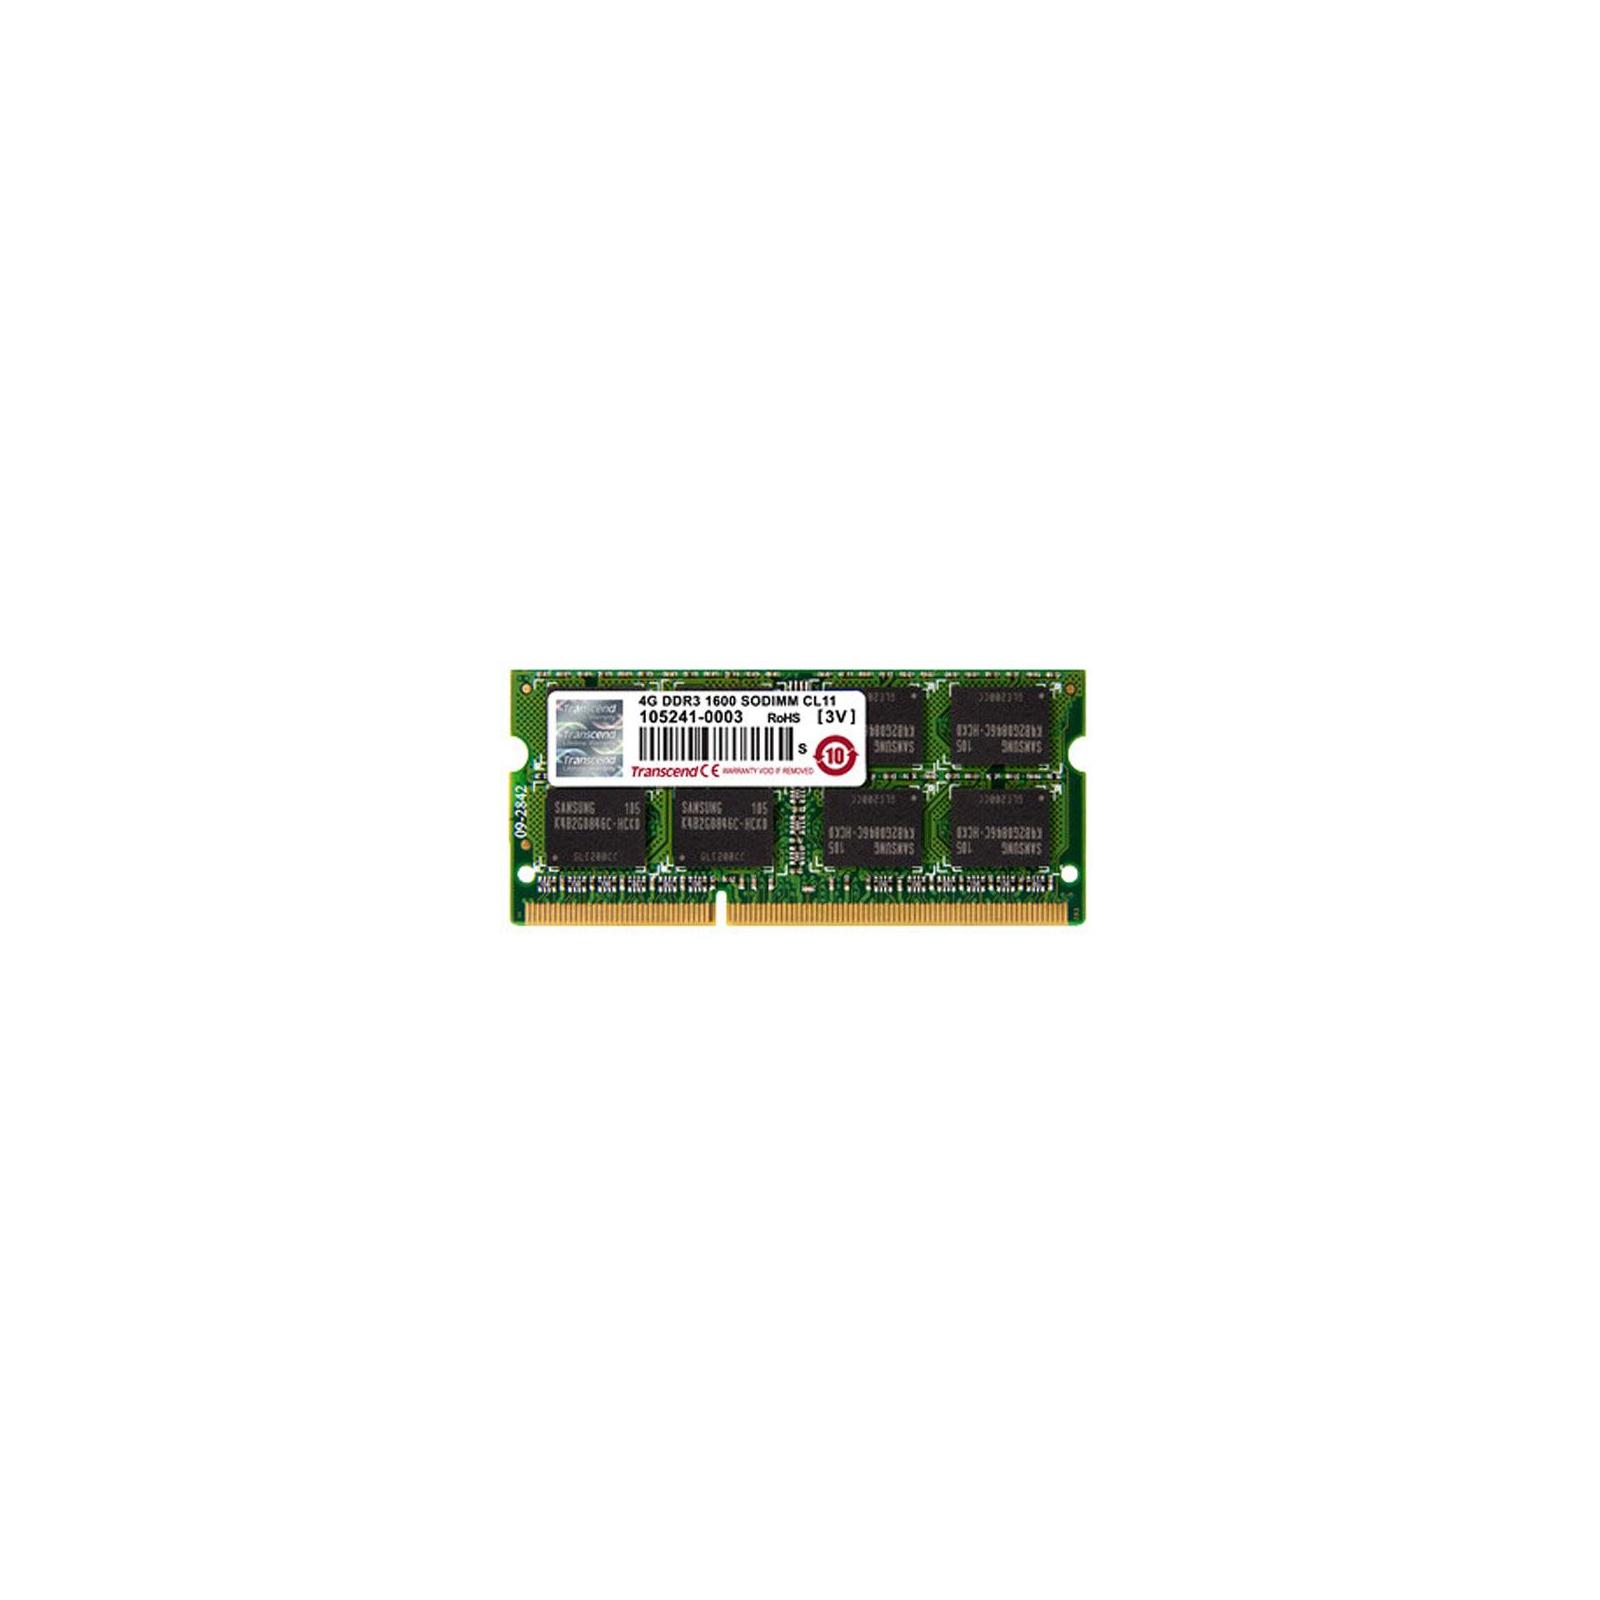 Модуль памяти для ноутбука SoDIMM DDR3 4GB 1333 MHz Transcend (JM1333KSN-4G)